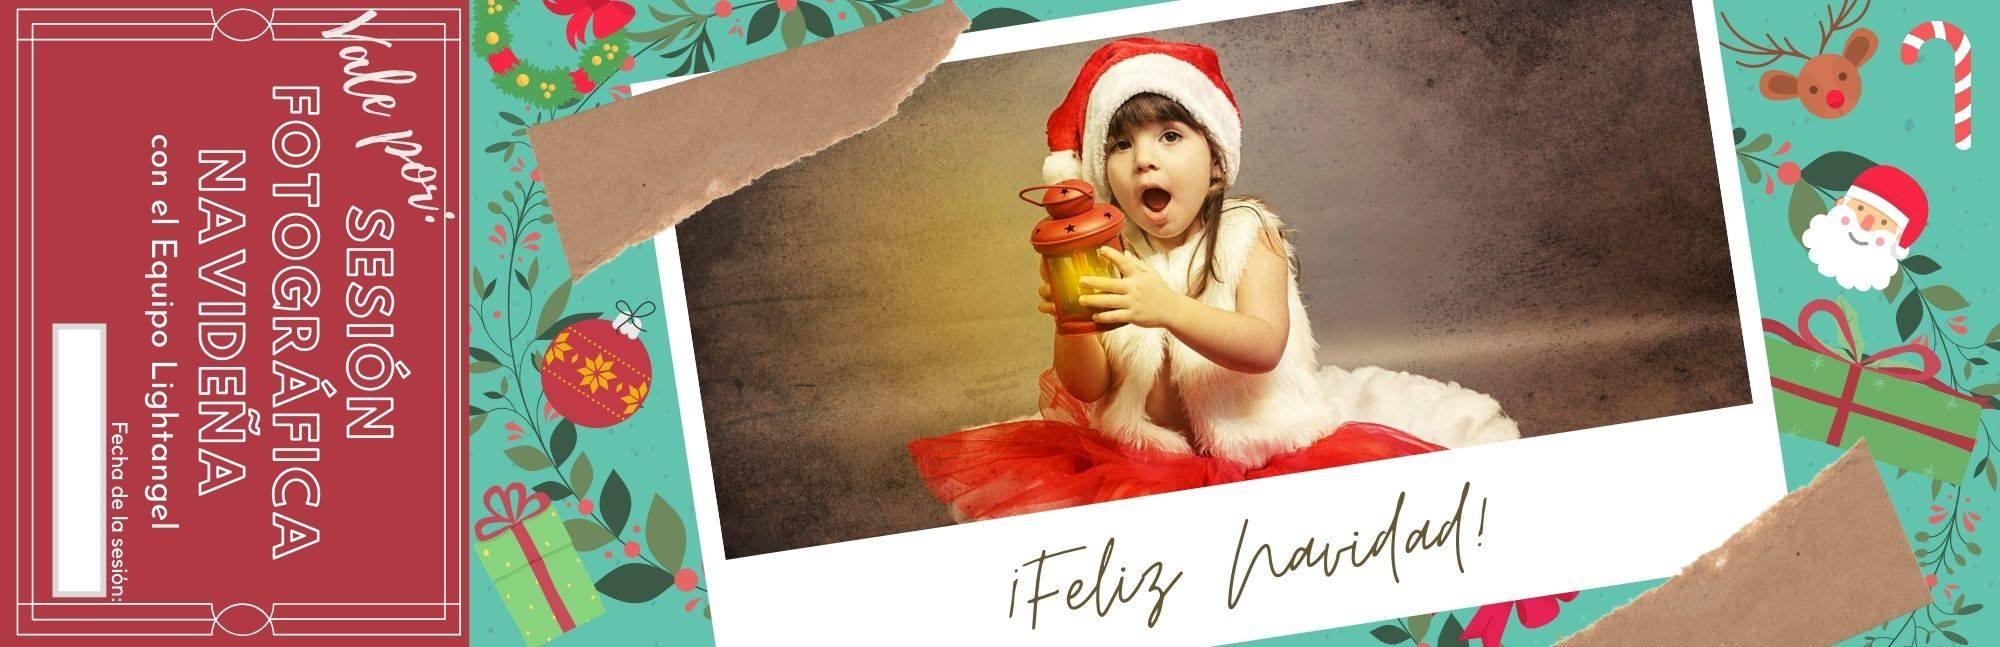 vale sesion fotografica navidad lightangel - Esta Navidad, regala recuerdos con Lightangel -